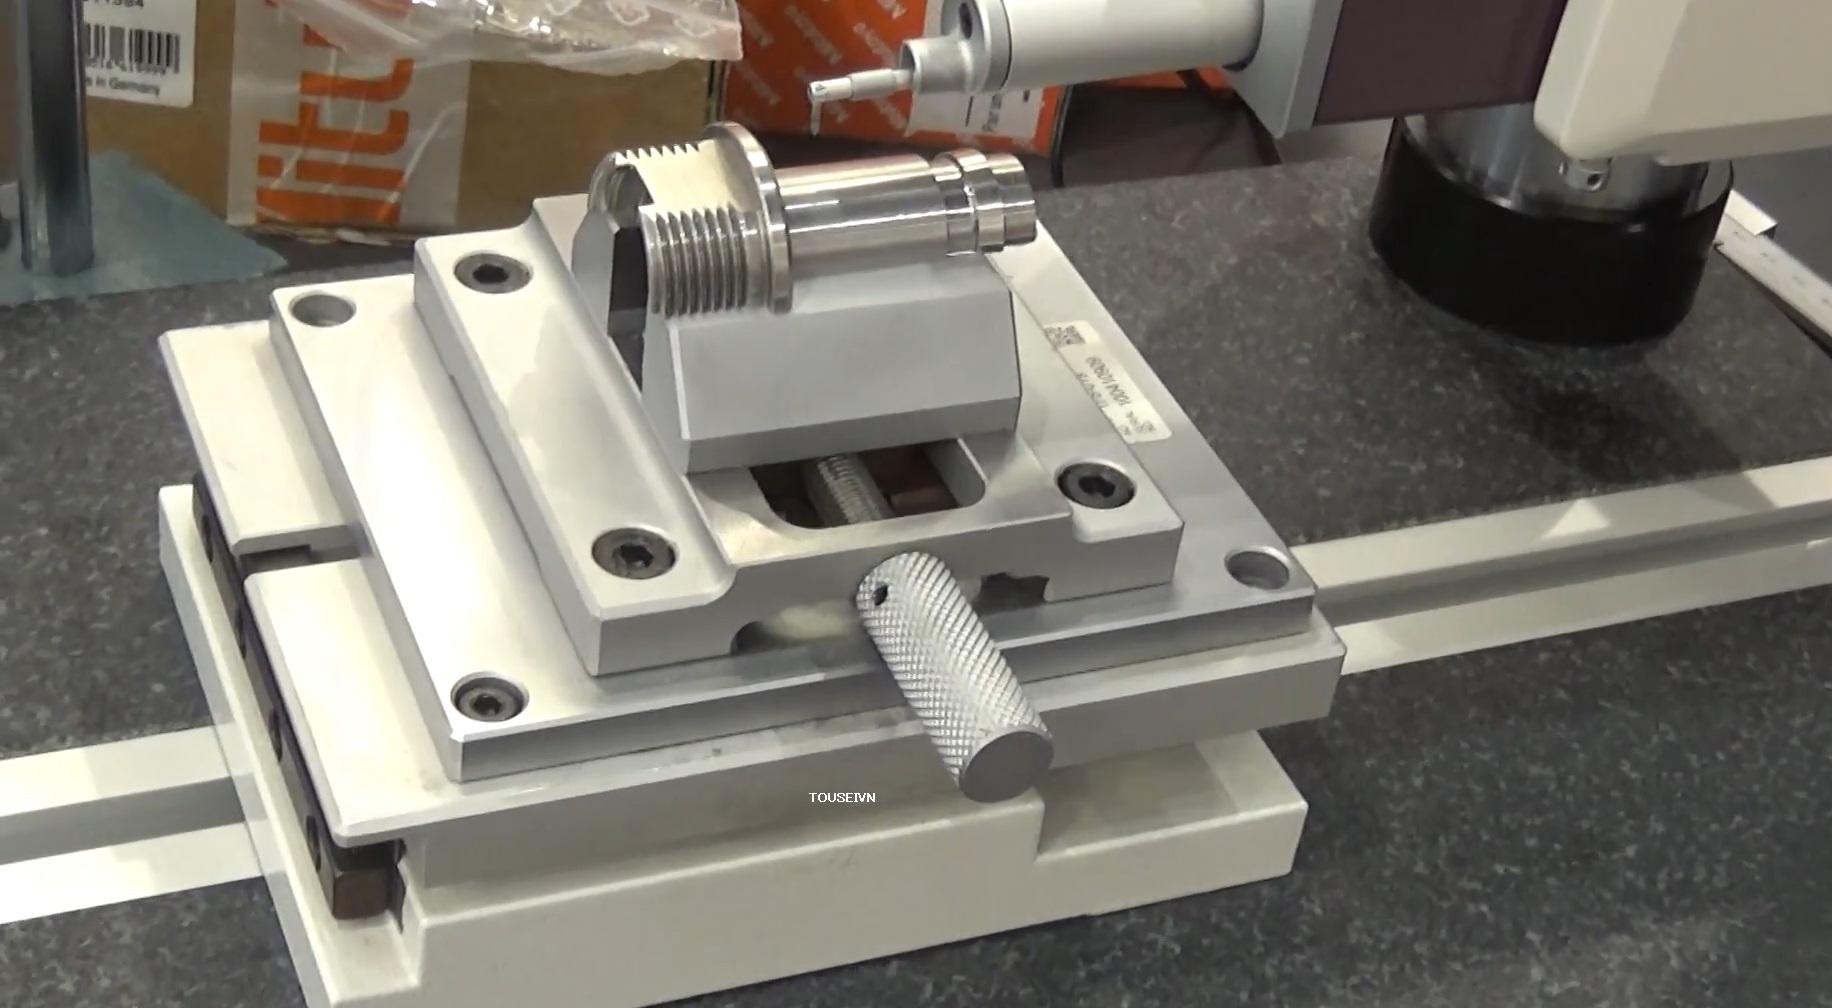 Ê tô kẹp chính xác 178-019 precision vise cho máy đo đô nhám bề mặt Surftest SJ-410 Mitutoyo